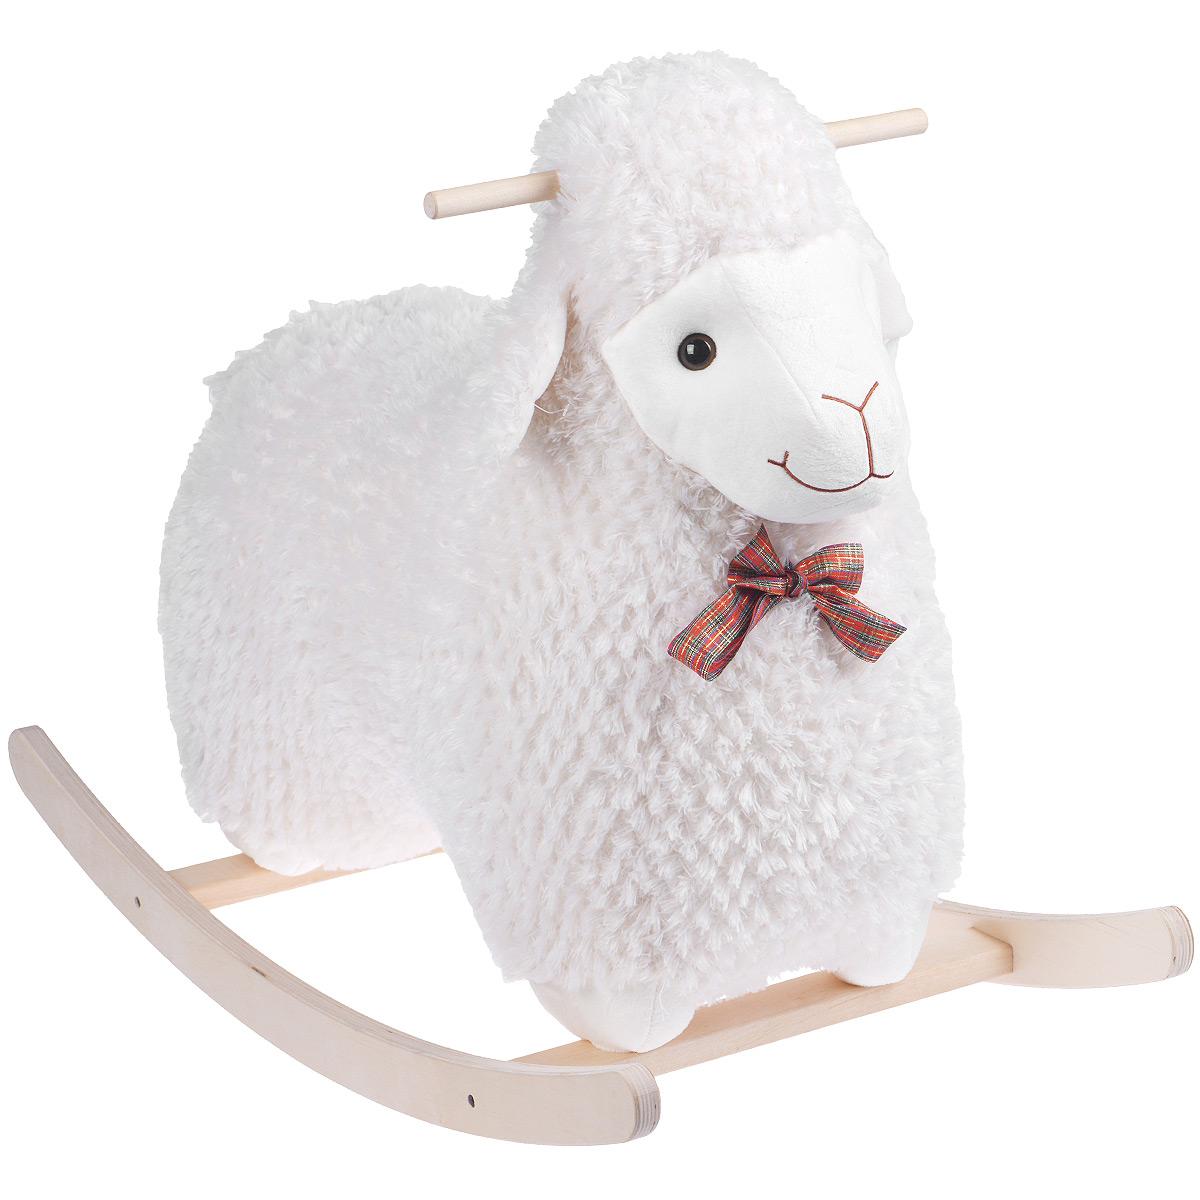 Качалка Fancy Овечка Долли, цвет: белыйKCHD2Забавная качалка Fancy Овечка Долли привлечет внимание малыша и не оставит его равнодушным. Она выполнена из приятного на ощупь текстильного материала в виде симпатичной овечки с пластиковыми глазками и вышитыми носиком и ротиком. На шее у овечки повязан яркий бантик. Полукруглое основание и ручки качалки выполнены из дерева. Такая игрушка может использоваться как дома, так и на открытом воздухе. Ваш малыш будет в восторге от такого подарка!